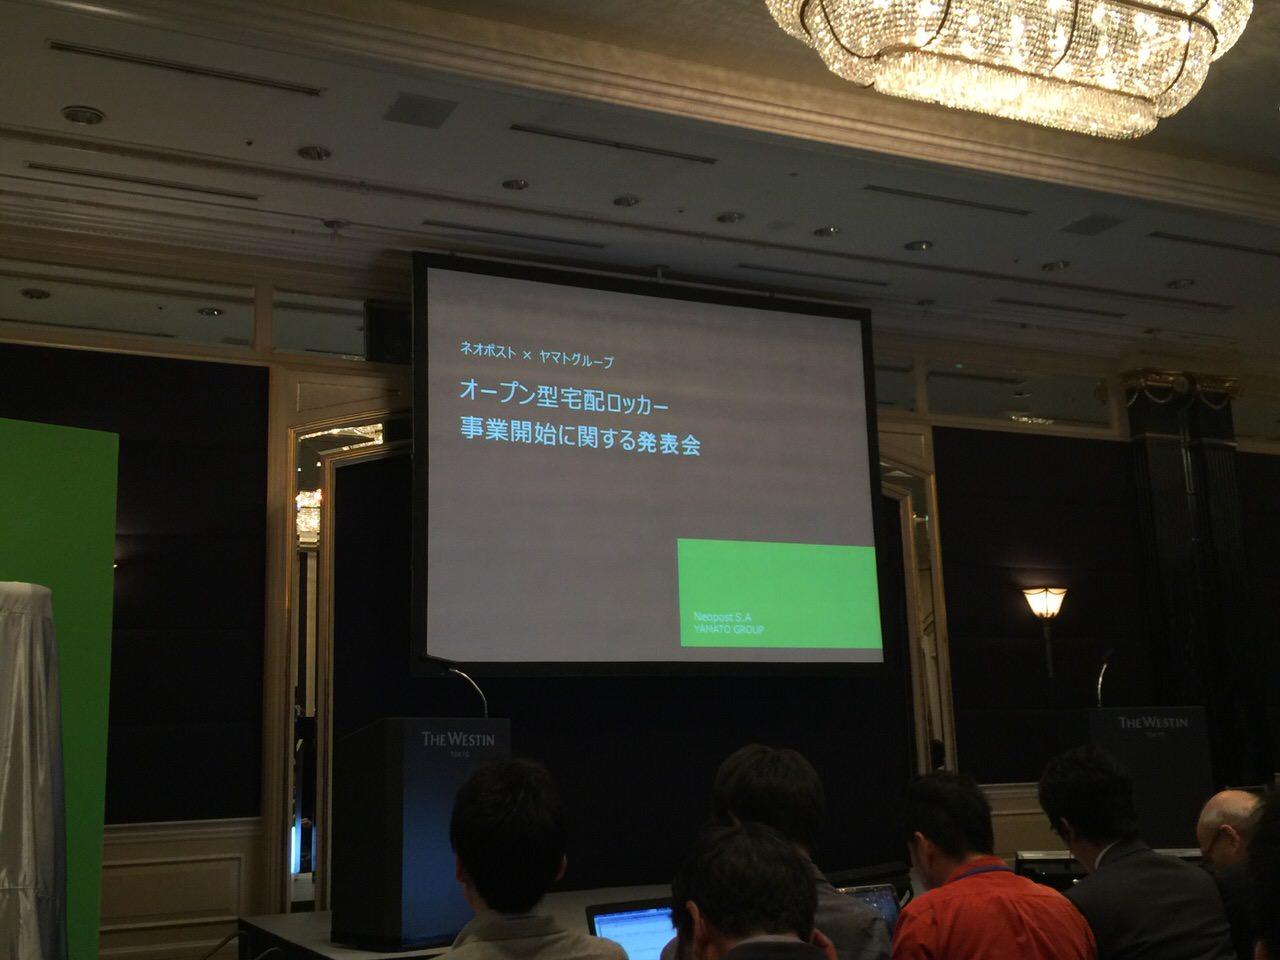 複数事業者が利用できるオープン型宅配ロッカー展開のためヤマトグループが仏ネオポストと「Packcity Japan(パックシティー・ジャパン)」設立 〜サービス名は「PUDO」